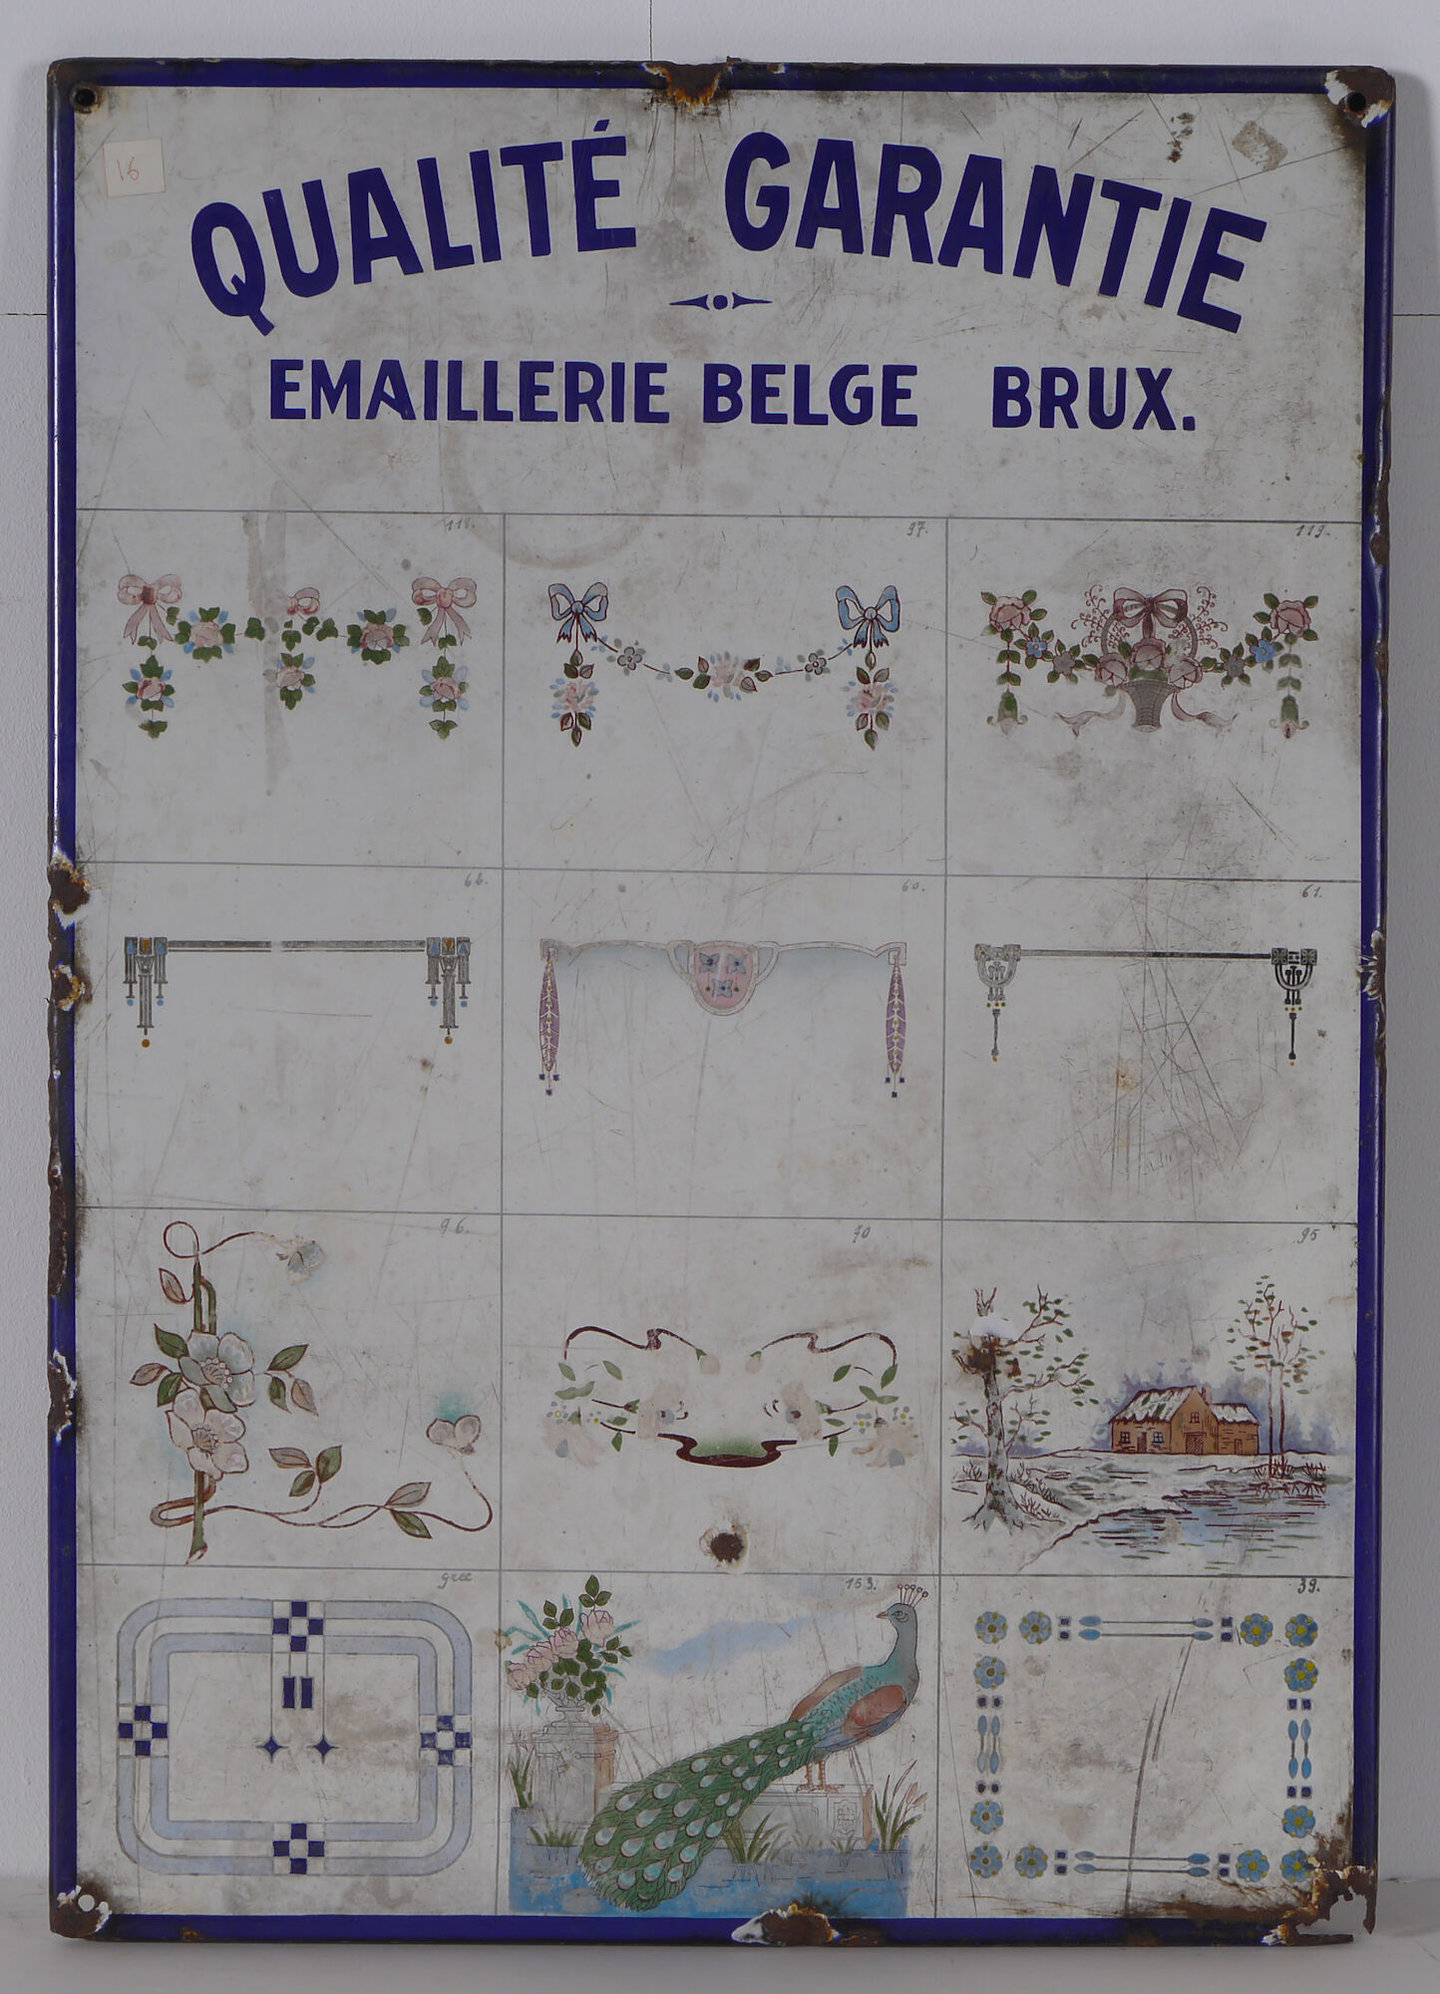 Geëmailleerd reclamebord voor Emaillerie Belge